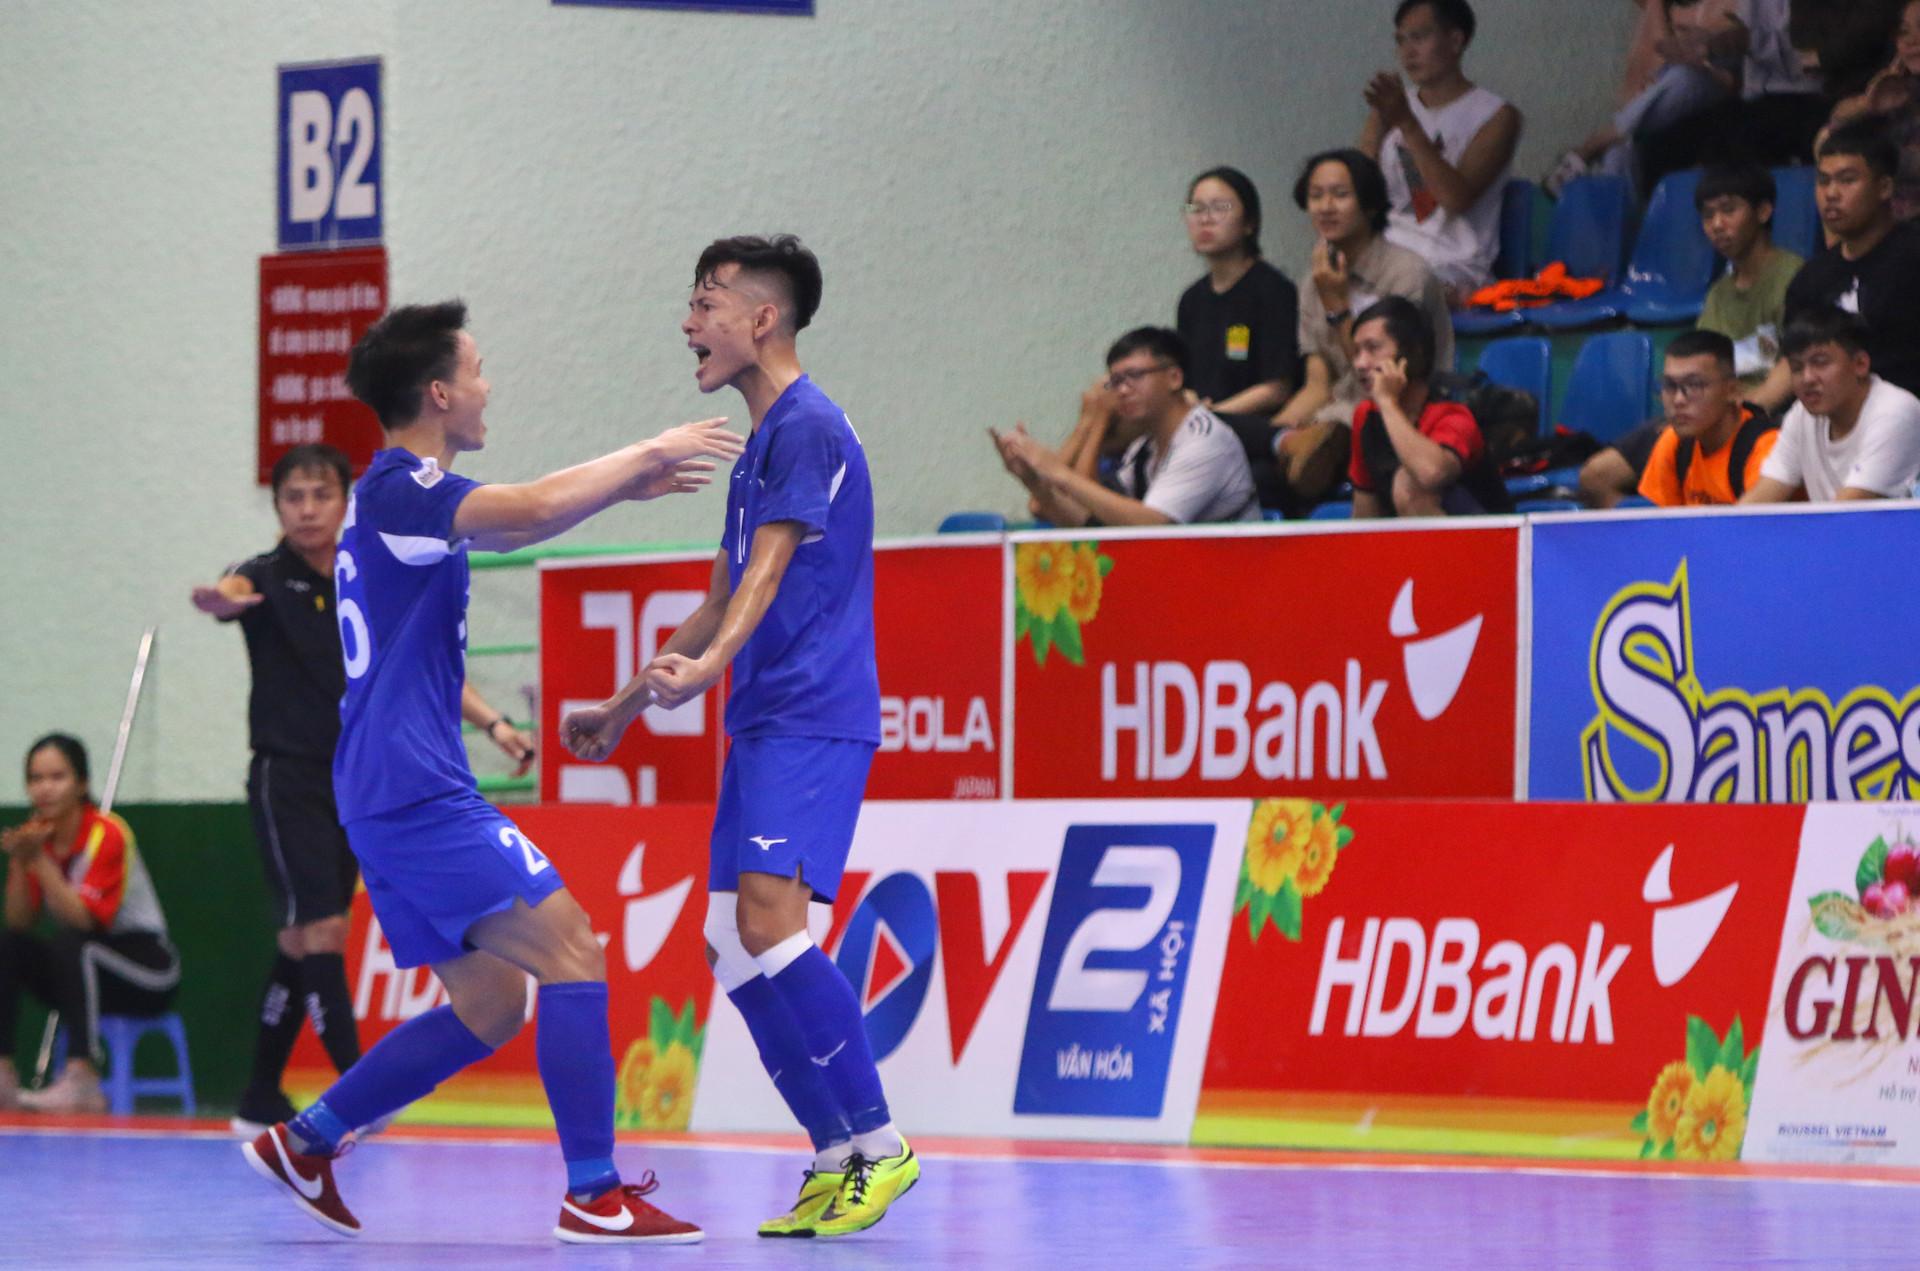 Vòng 16 Futsal HDBank VĐQG 2020: Kịch tính cuộc đua top 3 - 1